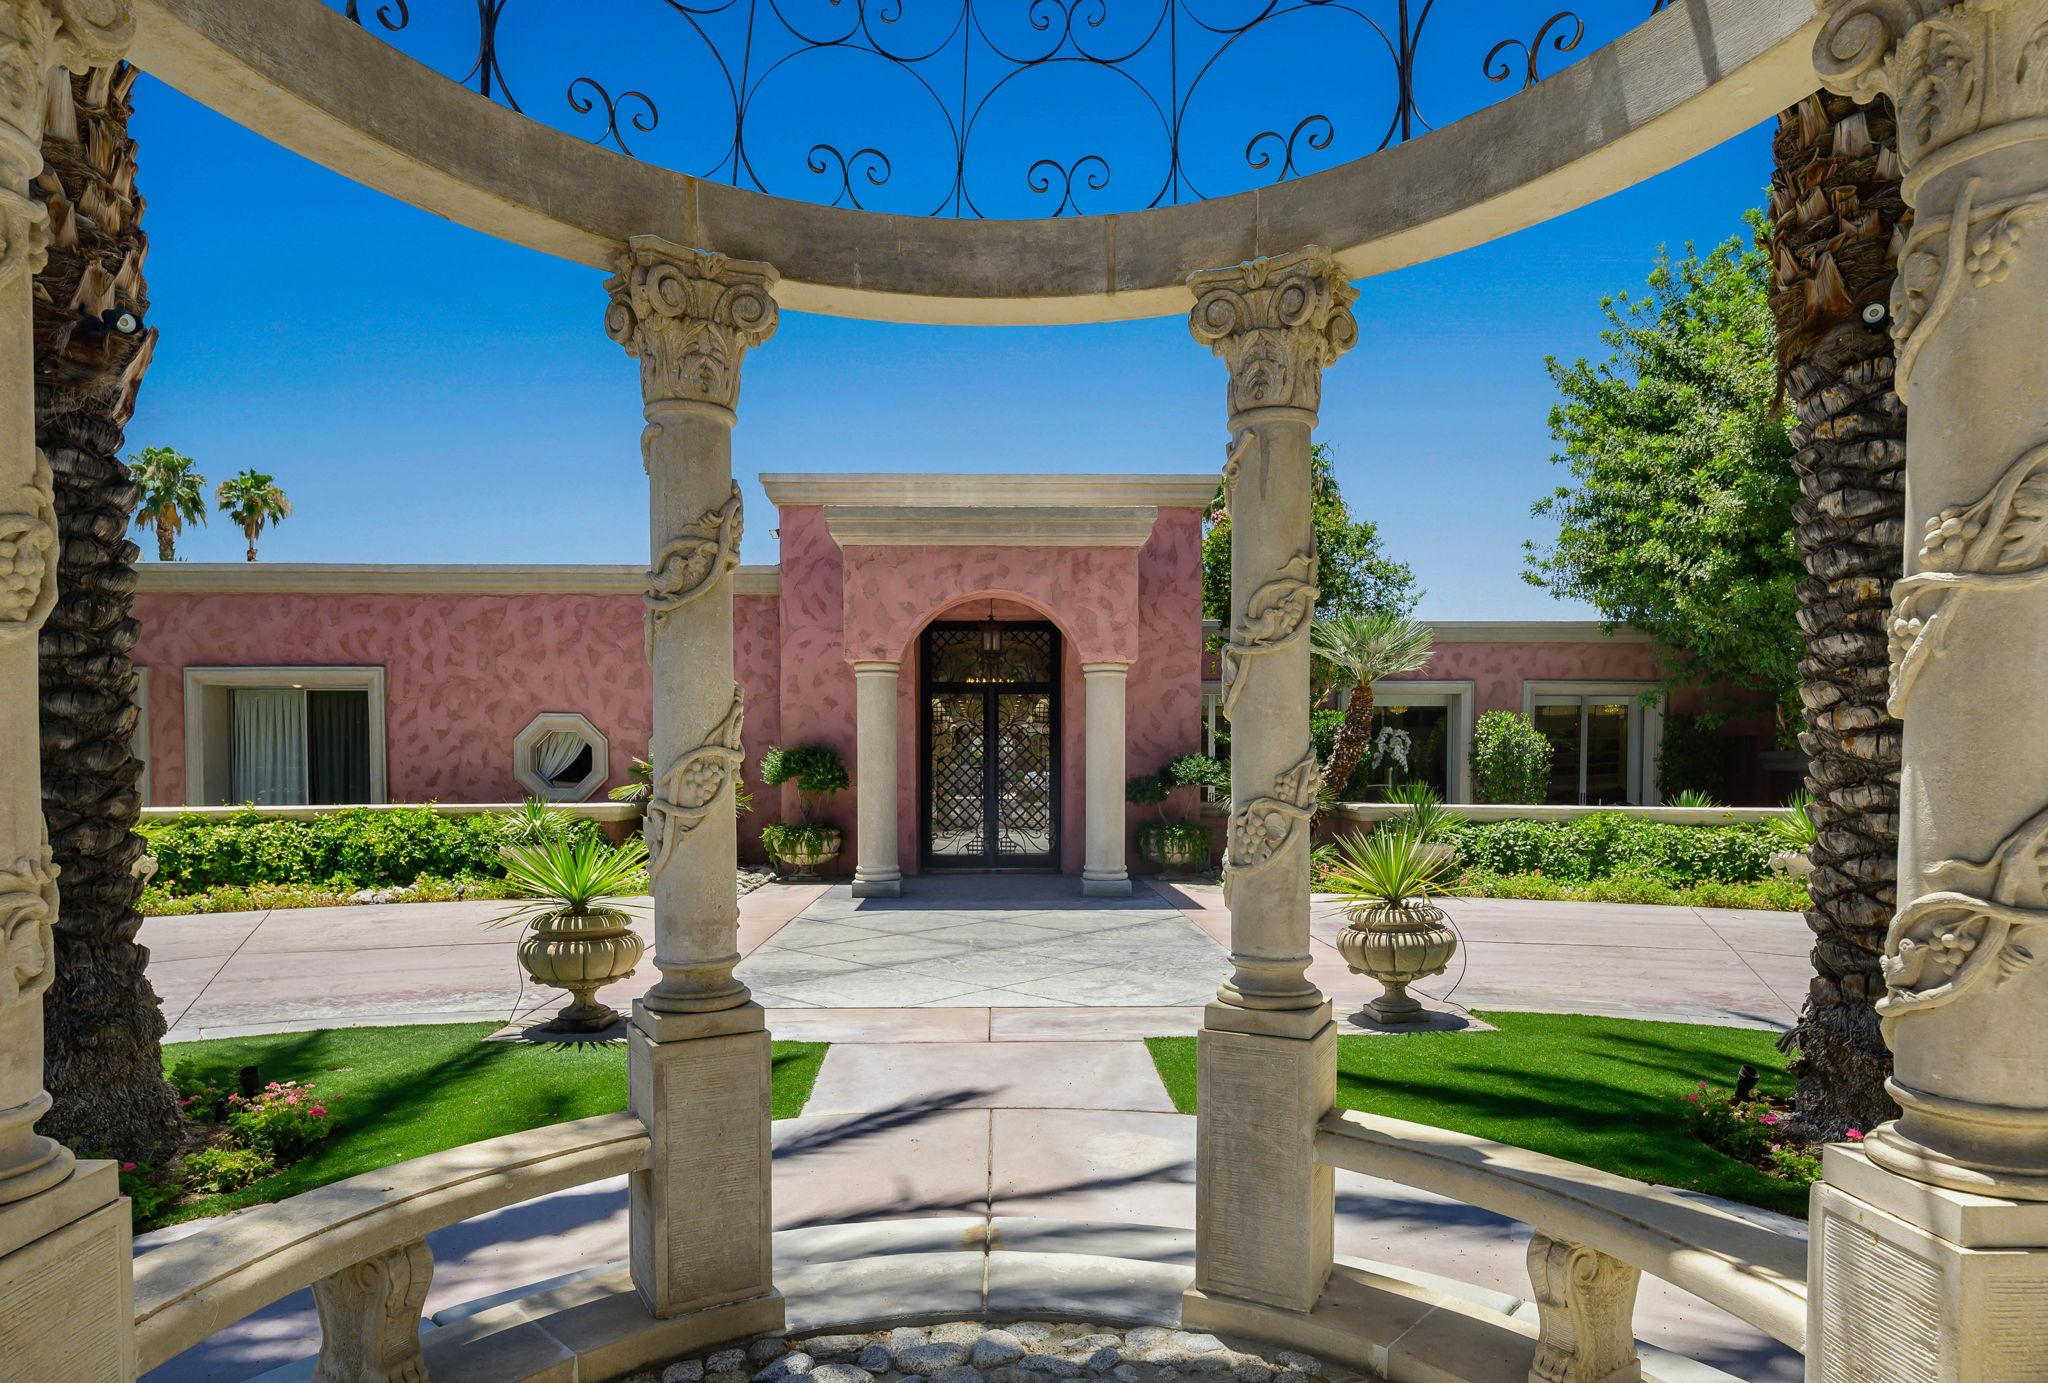 1+Von+Dehn+Rd+Rancho+Mirage-25-large.jpg